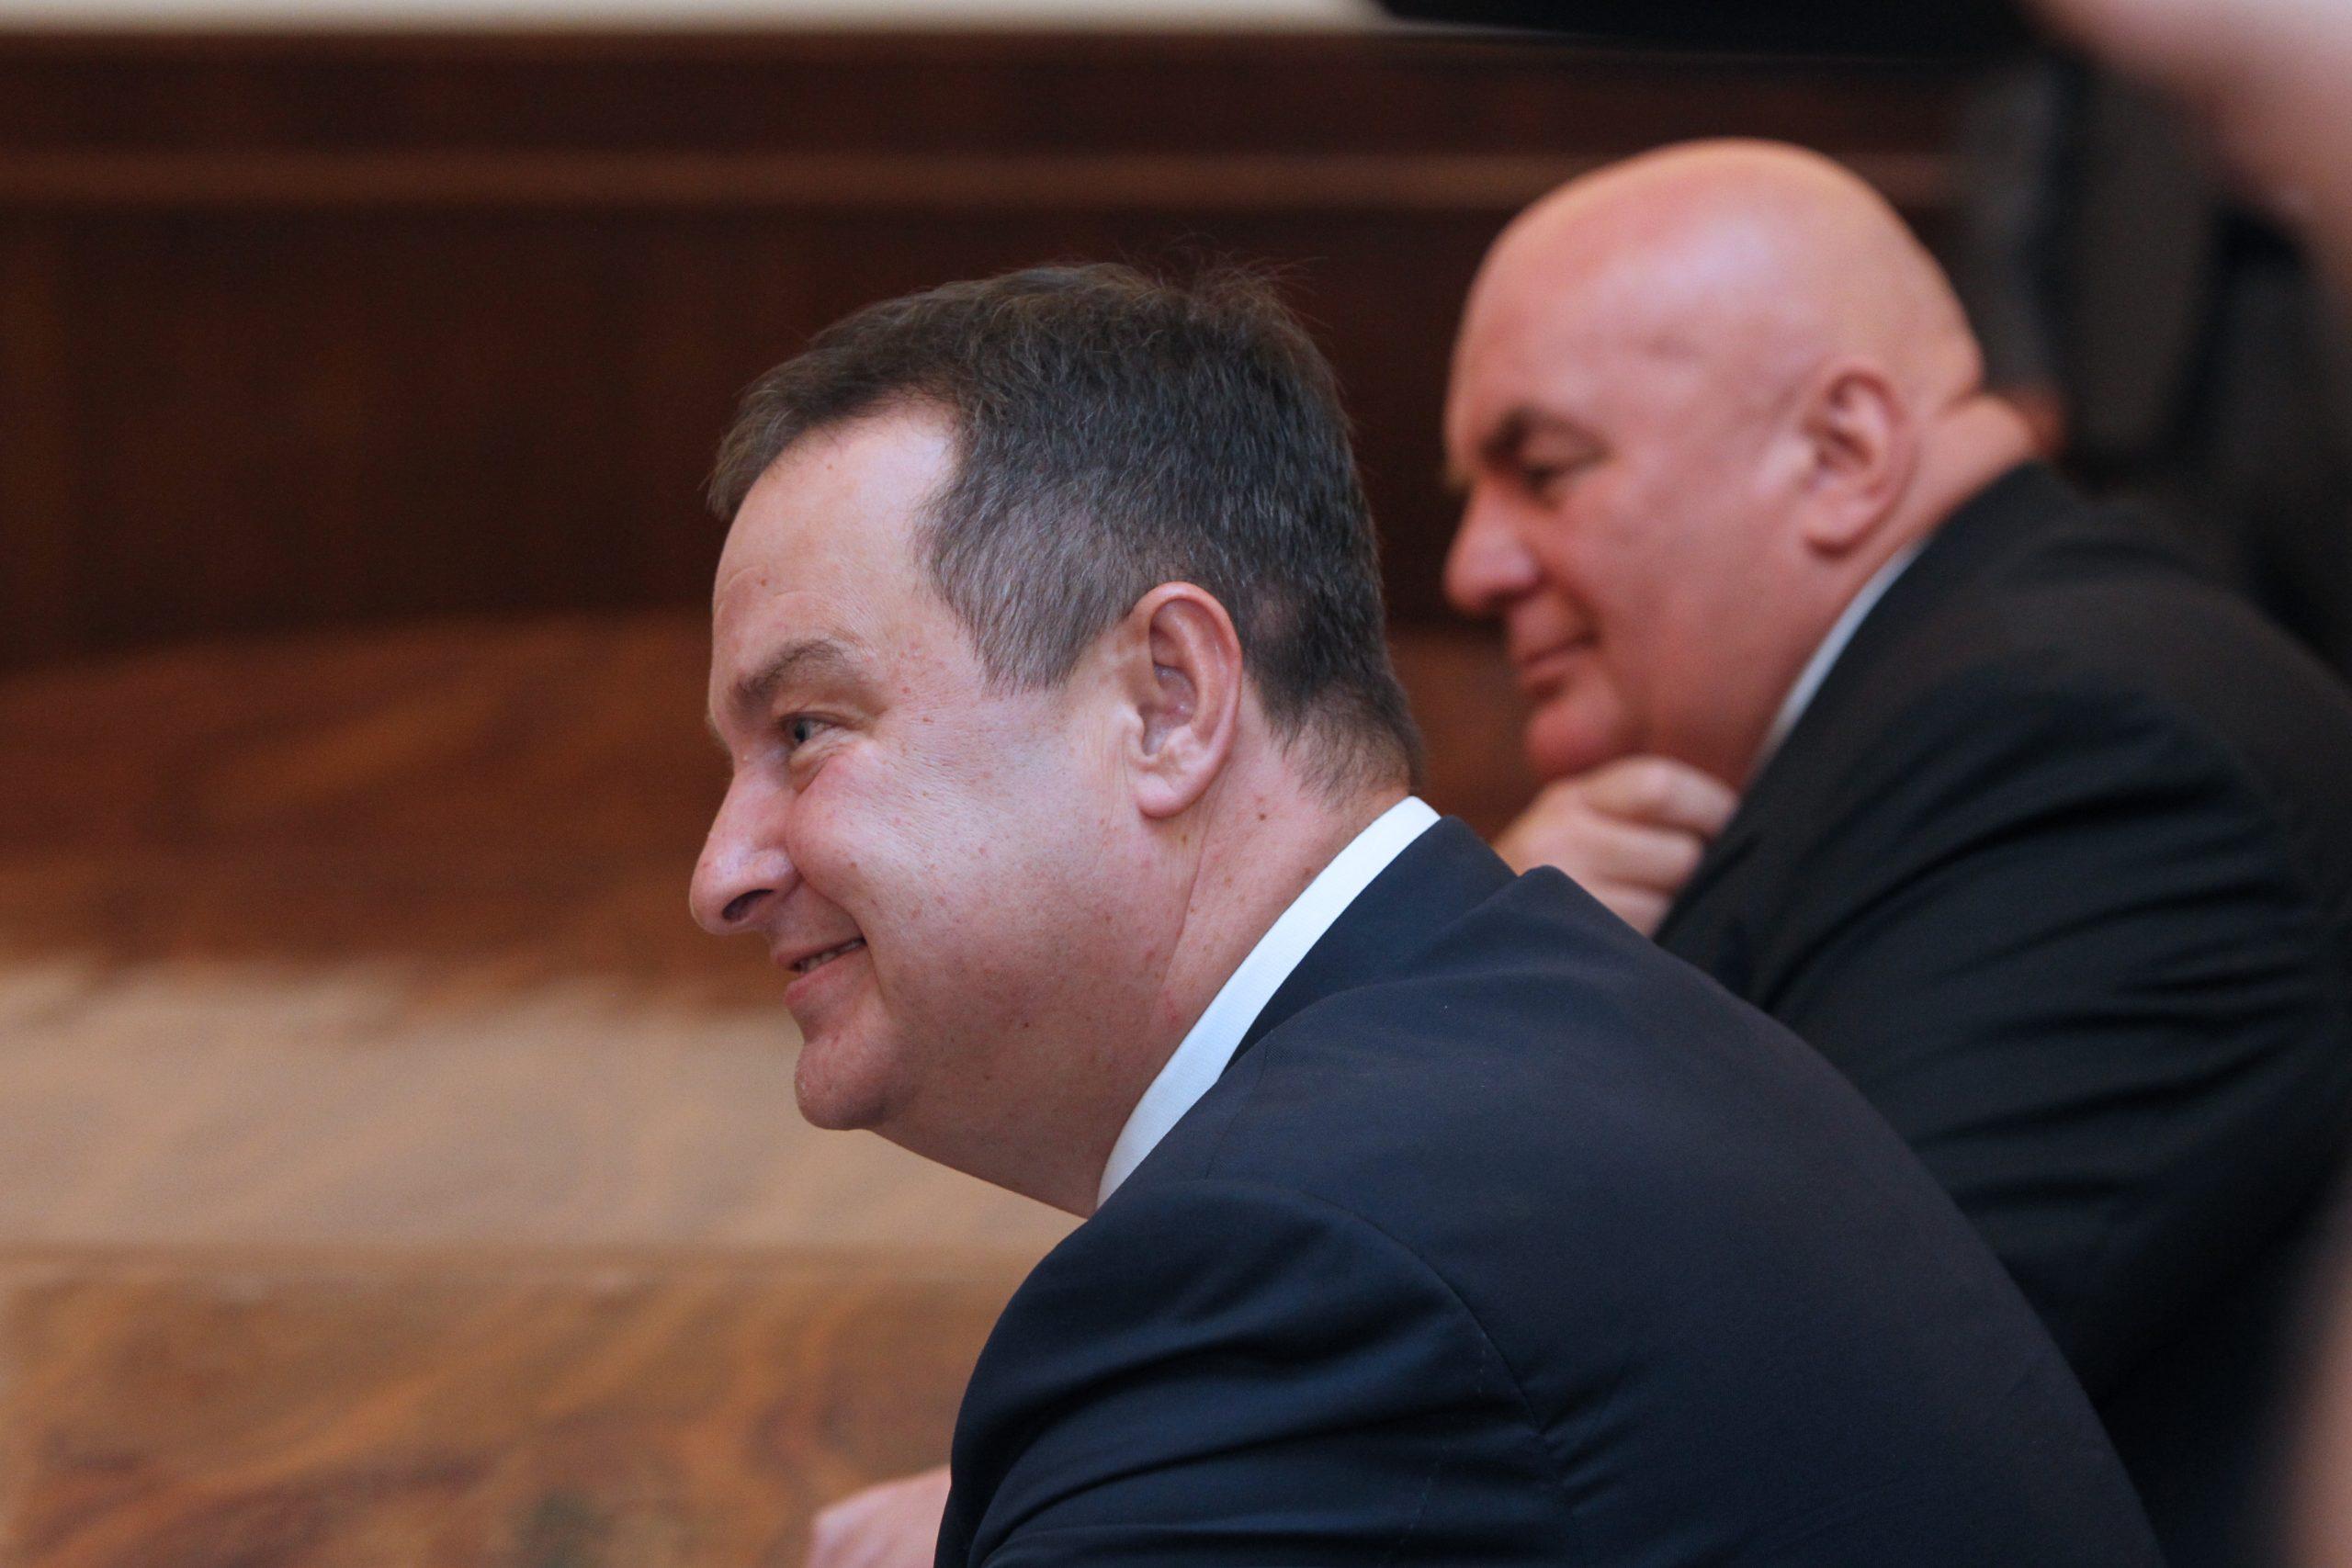 Opozicione stranke i pokreti: Dačić i Marković da podnesu ostavke ili suspenduju funkcije 1